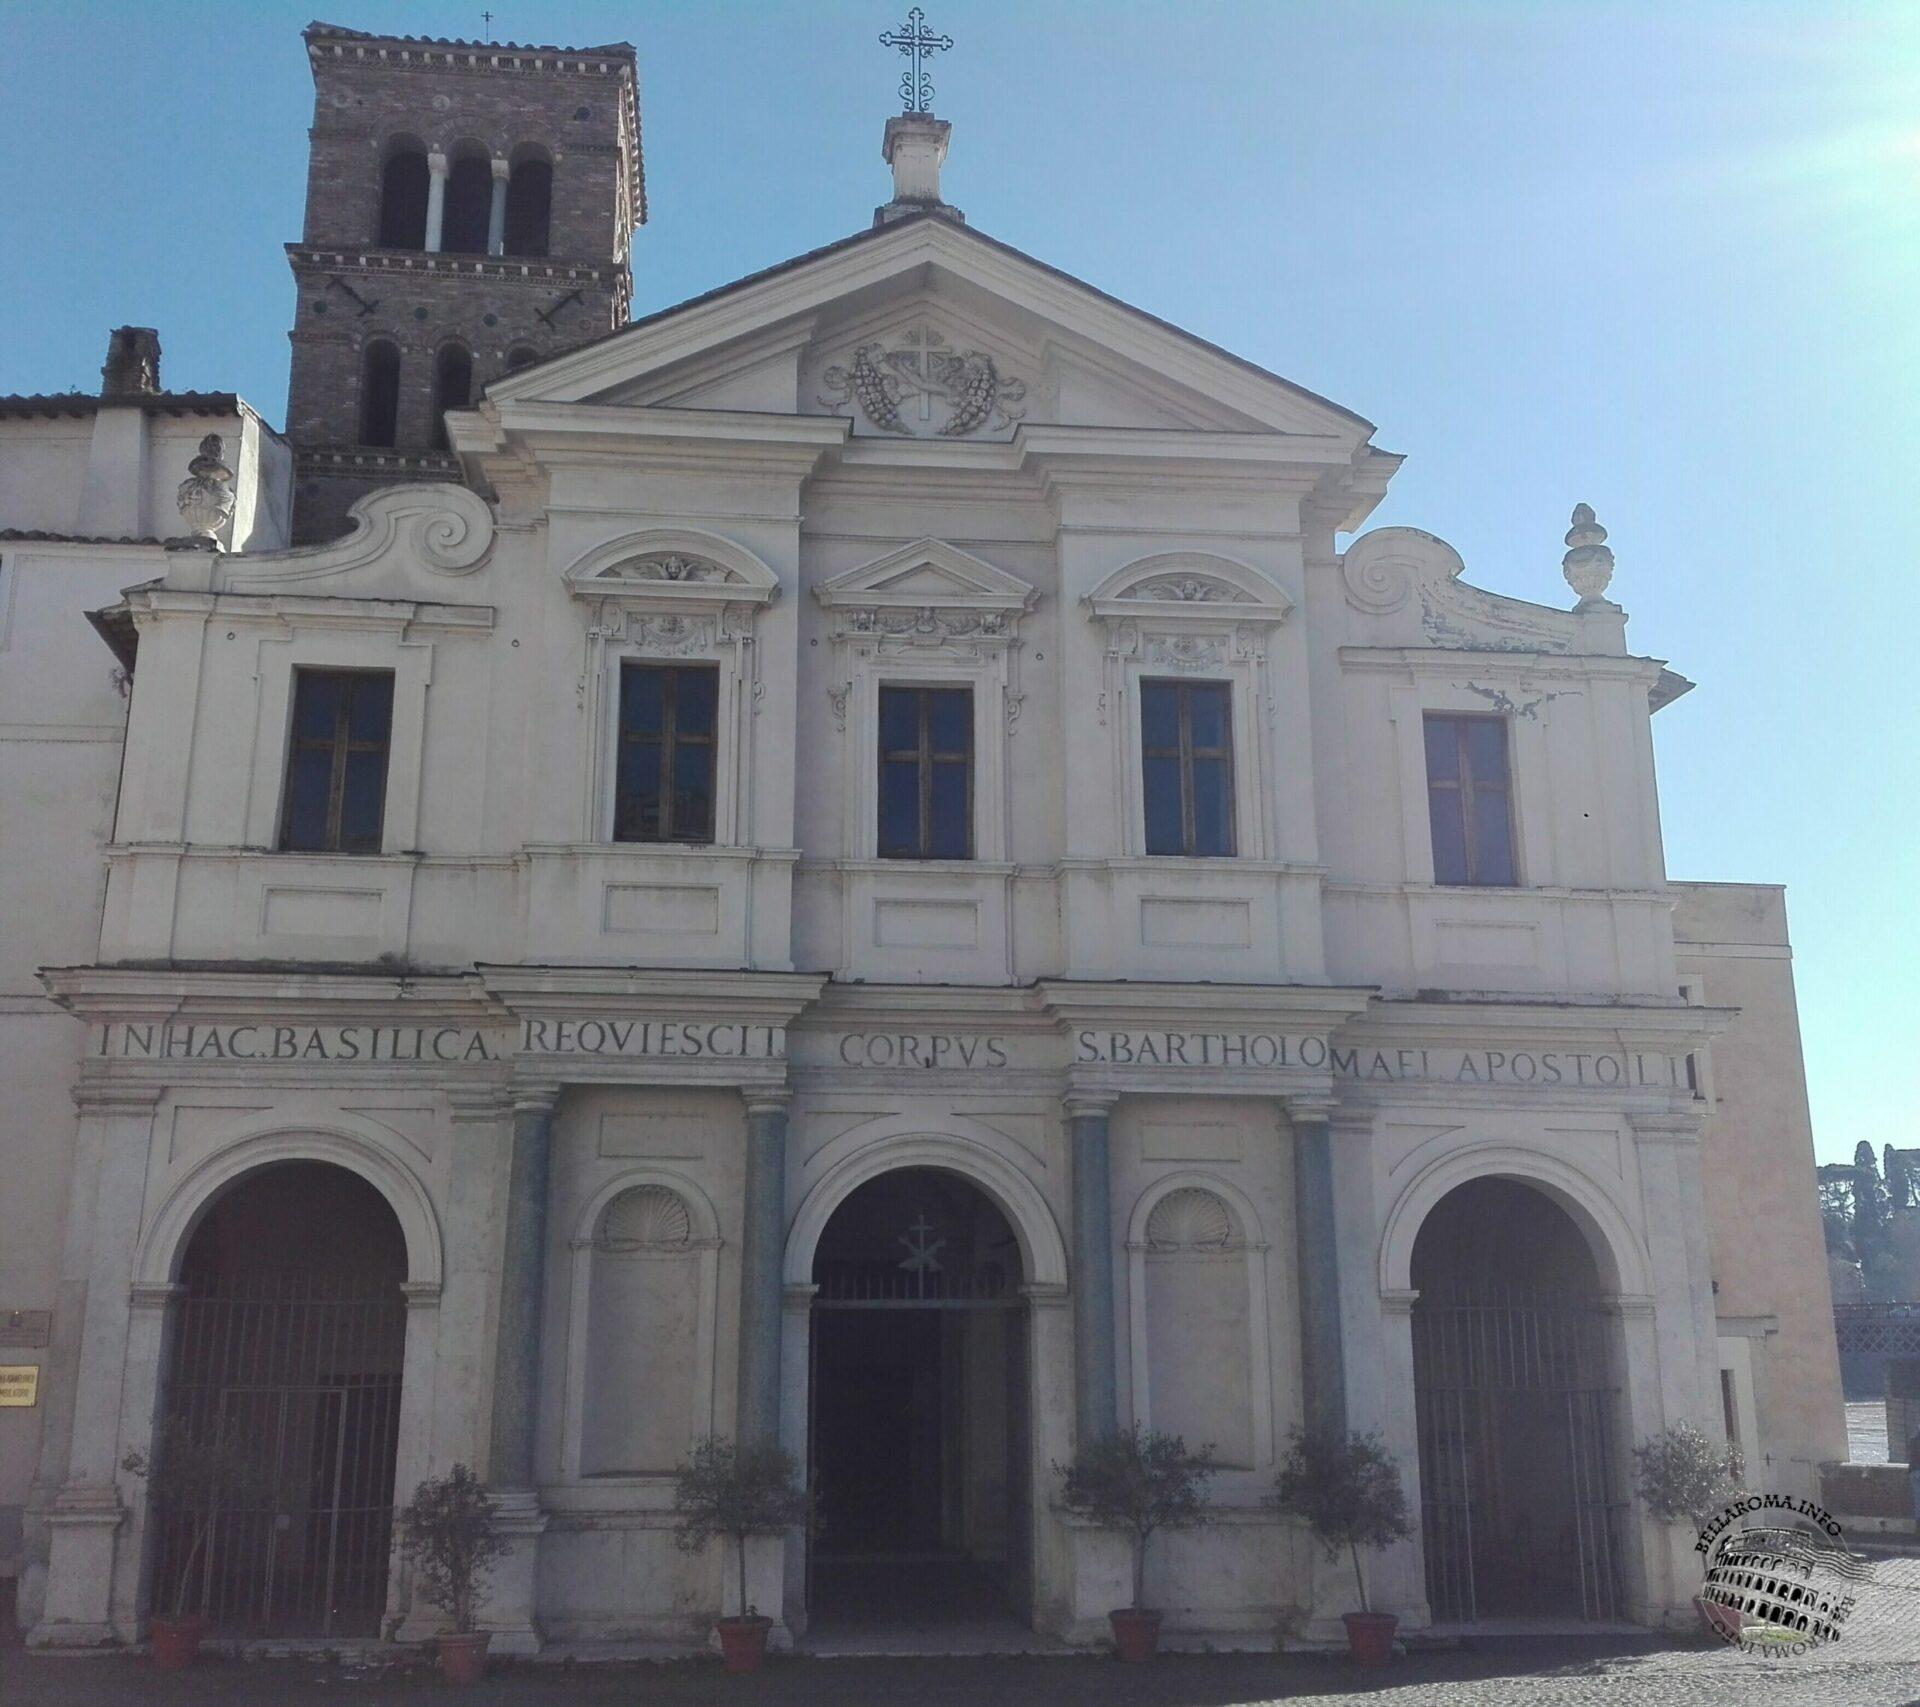 Chiesa di San Bartolomeo all'Isola, Roma